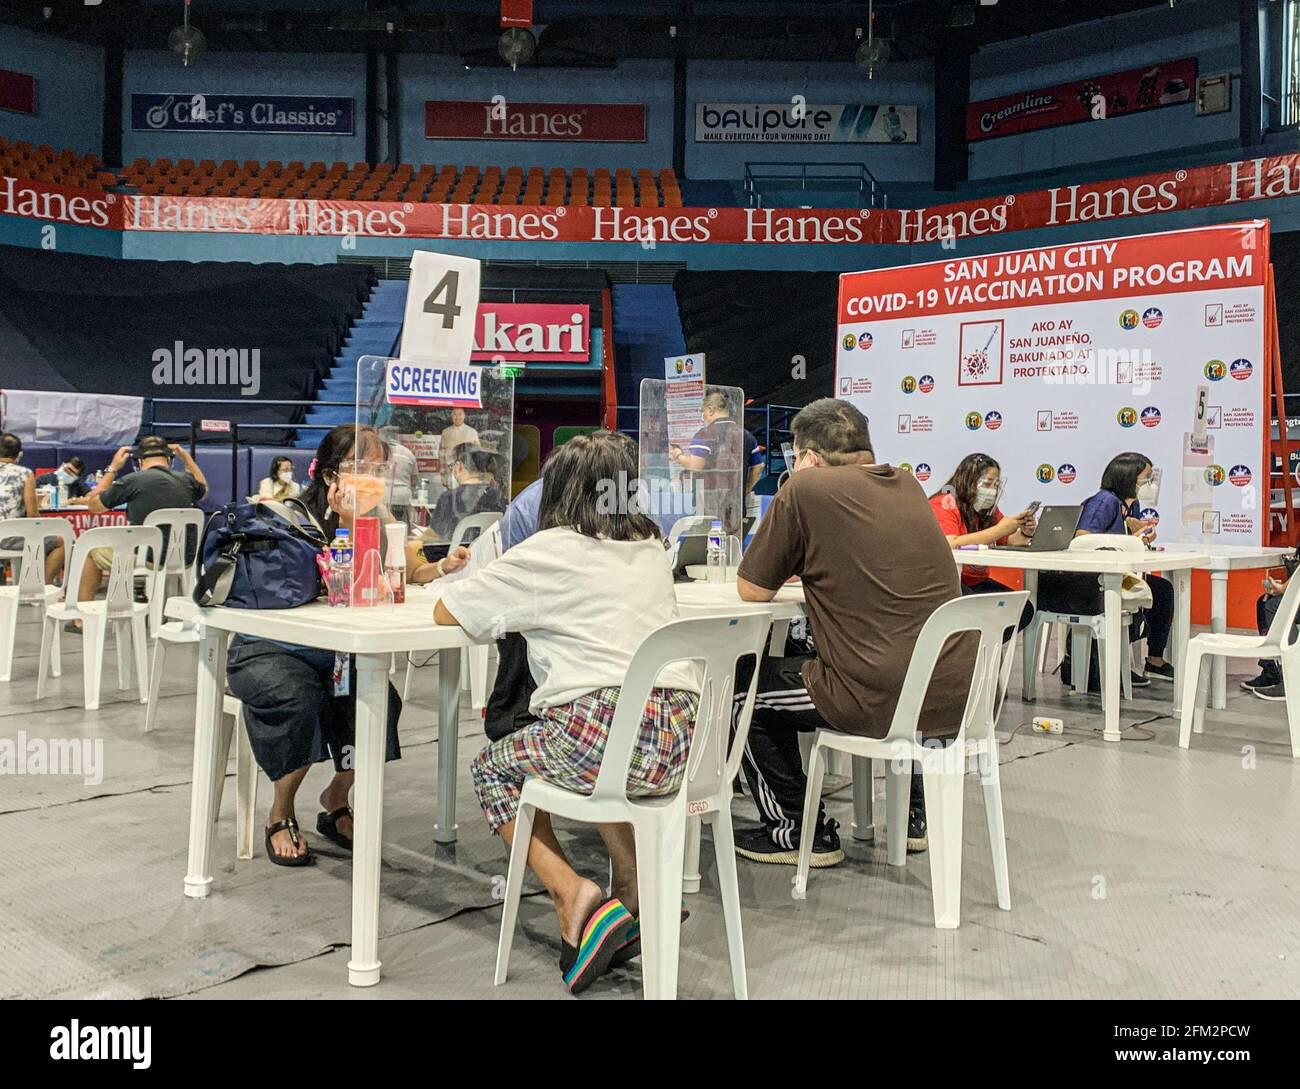 Segunda dosis de la vacuna COVID-19 para la categoría A3 (ciudadano mayor y persona con comorbilidad) aquí en el estadio FilOil Flying V, en la ciudad de San Juan. Filipinas alcanzó su marca de 1 millones de casos de covid el pasado 26 de abril, mientras que sólo alrededor del 0,99 por ciento de la población estimada de 110 millones de habitantes del país tiene al menos una inyección de la vacuna y sólo el 0,15 por ciento que ha recibido dos dosis. Filipinas. Foto de stock